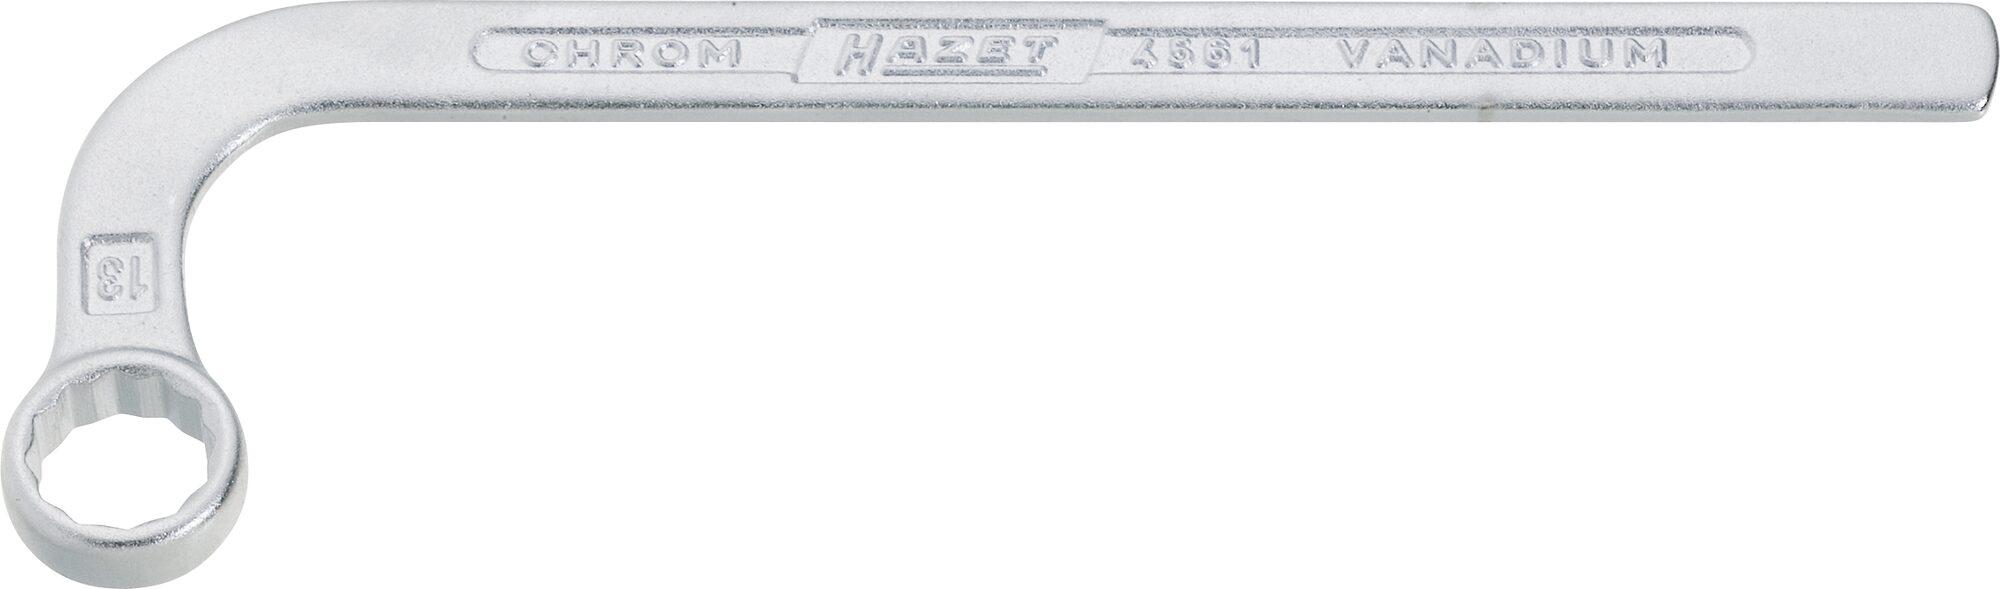 HAZET Einspritzpumpen Werkzeug 4561 ∙ Außen-Doppel-Sechskant Profil ∙ 13 mm